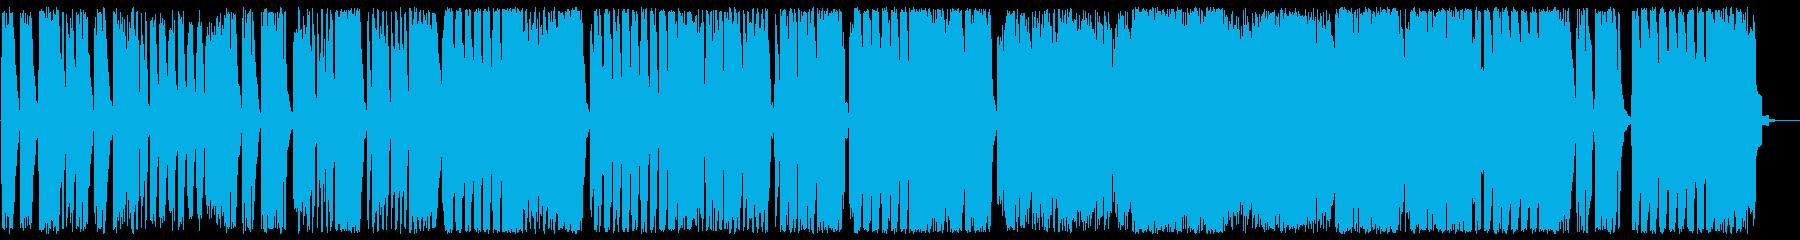 緩やかで軽快なワルツ風コーラスサウンドの再生済みの波形